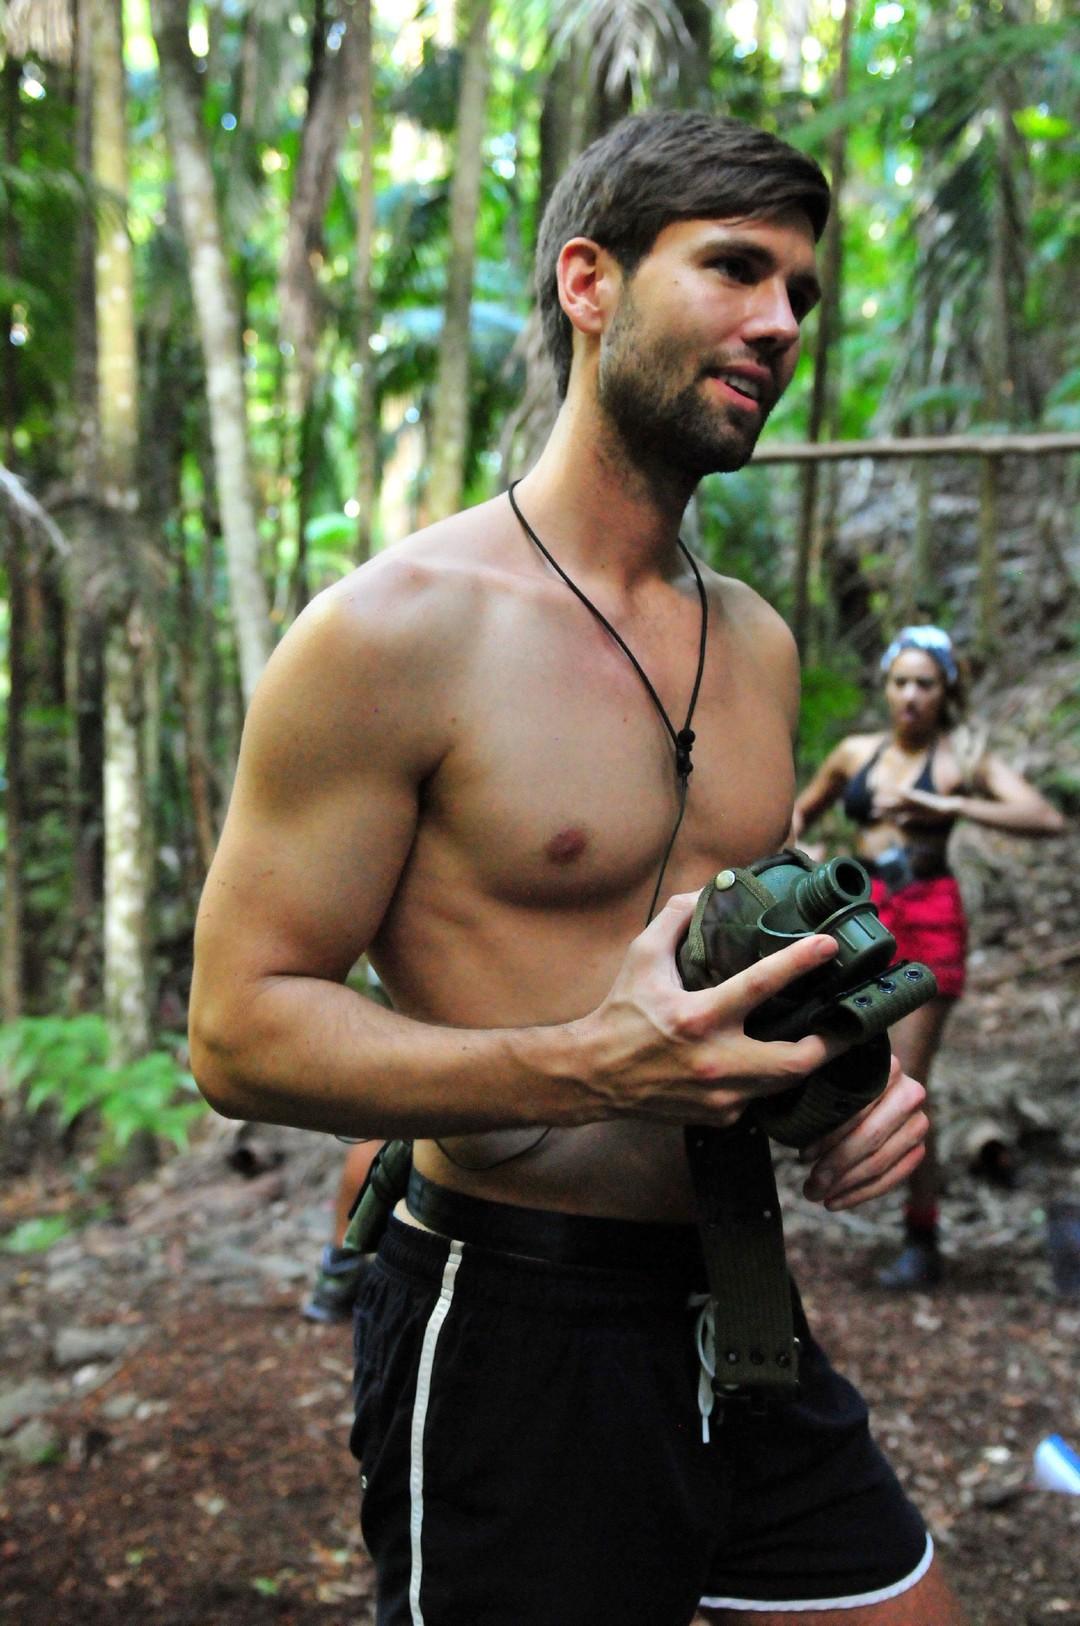 Dschungelcamp 2017 - Tag 5 - Schlangebiss bei Kader Loth - Bild 30 von 49